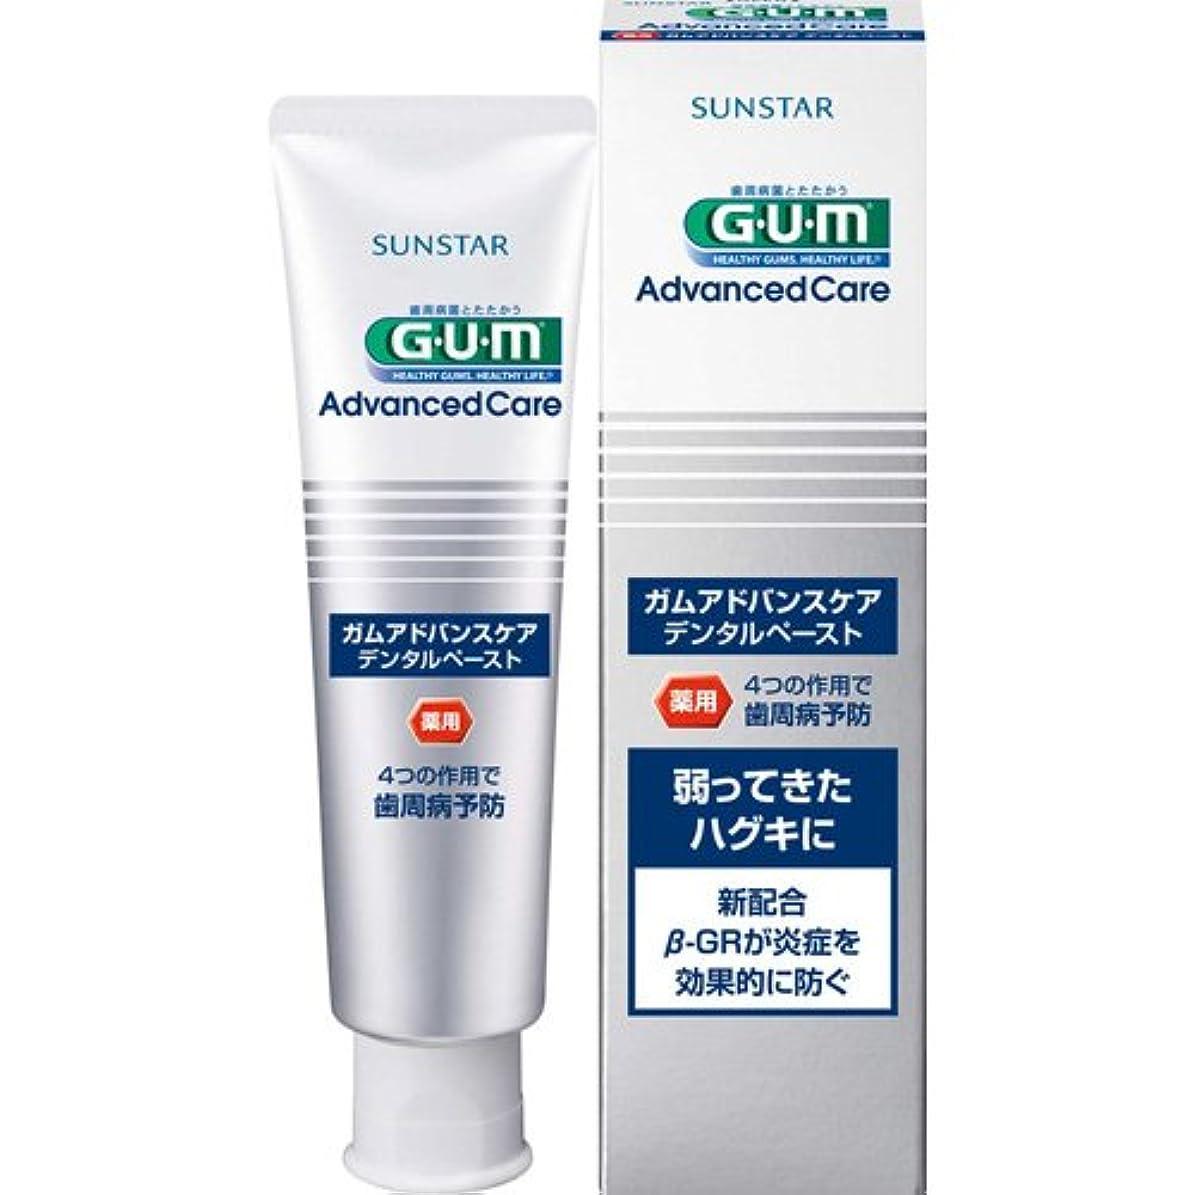 肩をすくめる過度に形容詞GUM(ガム)アドバンスケア デンタルペースト 90g (医薬部外品)